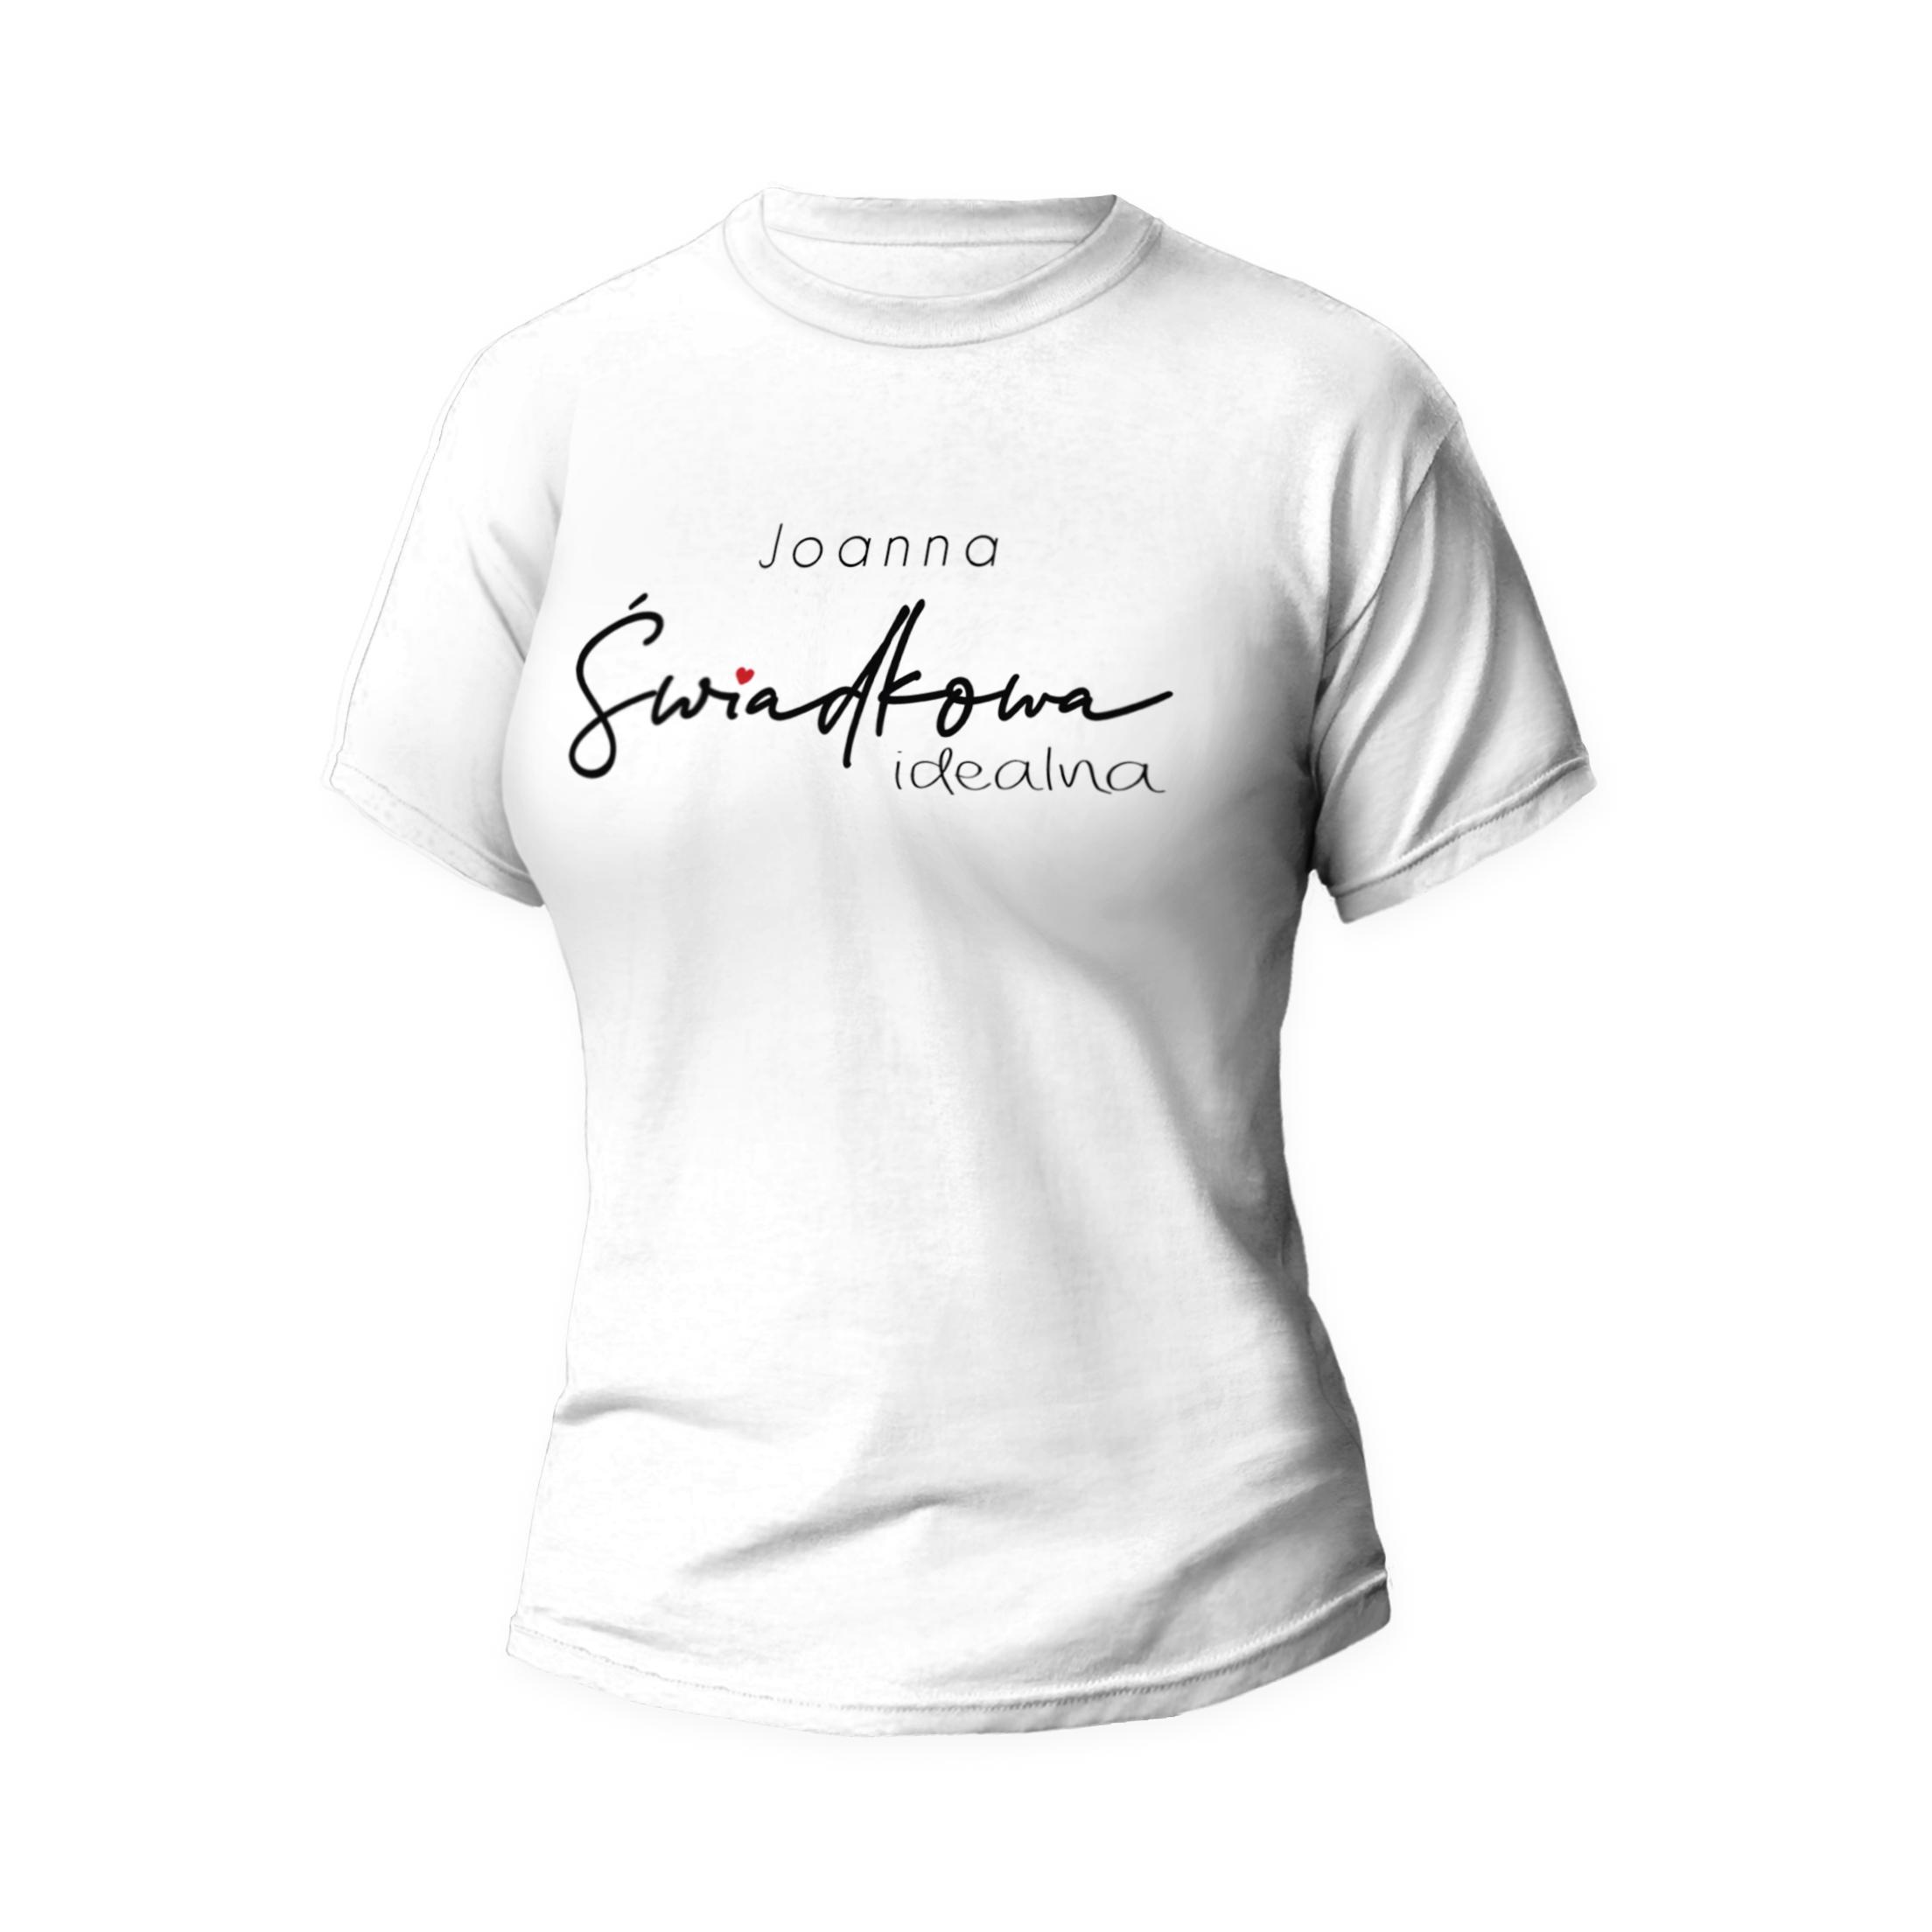 Rozmiar M  - koszulka damska z własnym nadrukiem - Świadkowa idealna - biała